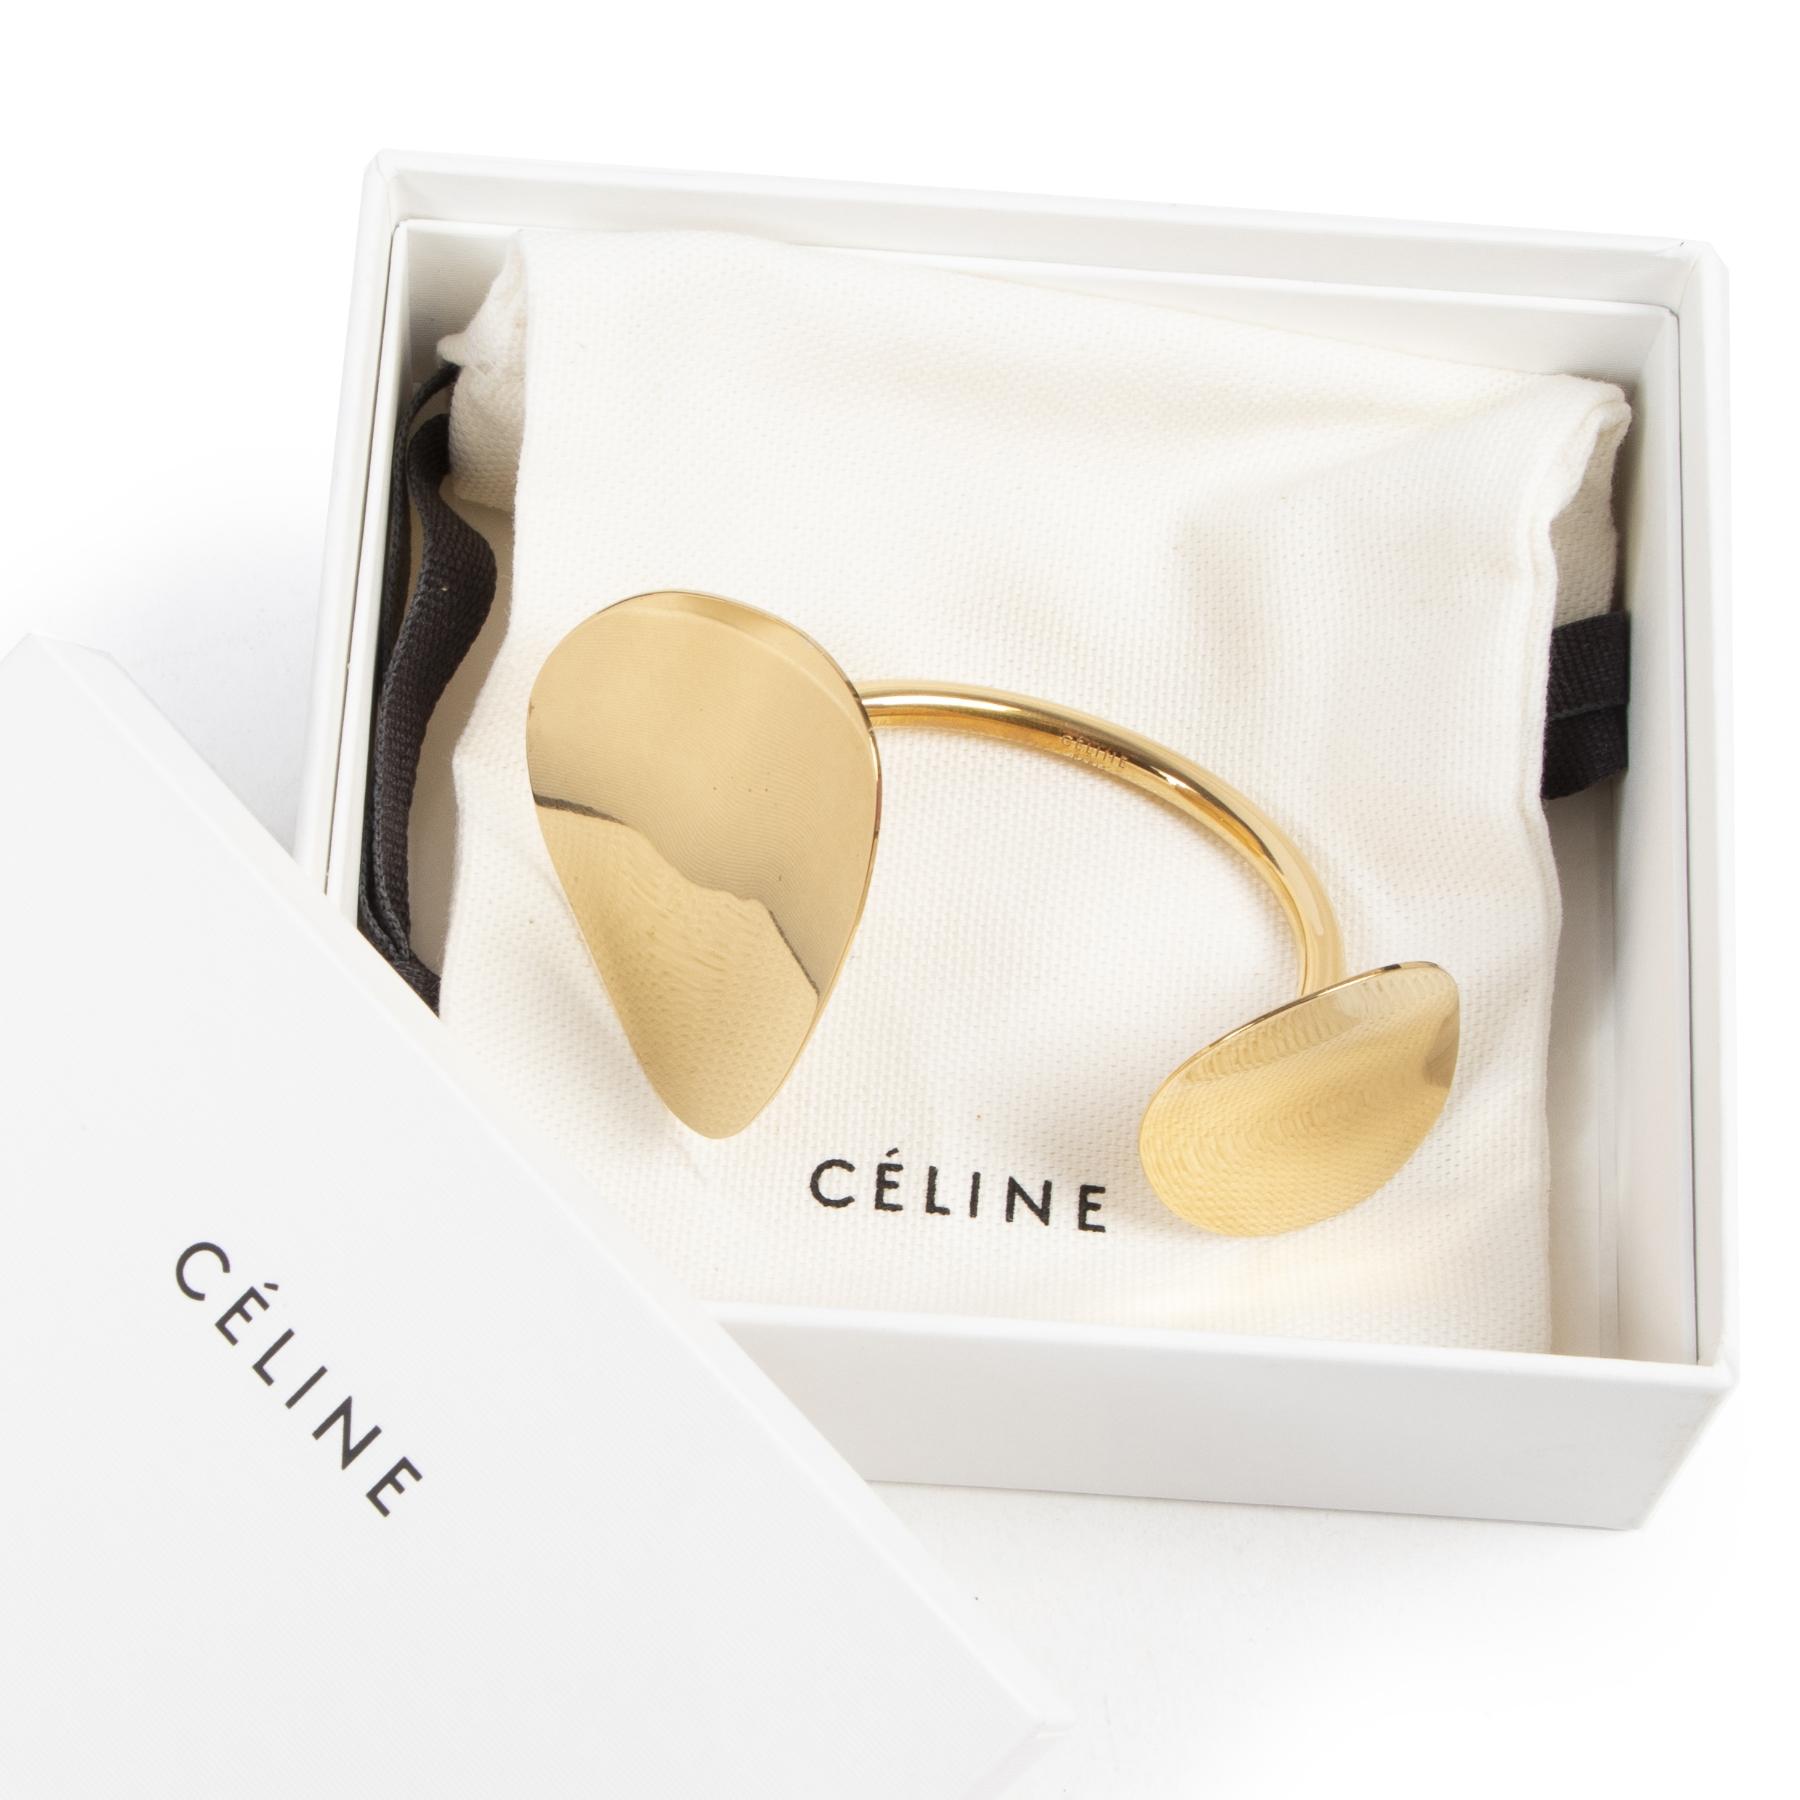 Céline Golden Bracelet. Authentieke Céline accessoires bij LabelLOV Antwerpen. Authentique seconde-main luxury en ligne webshop LabelLOV. Authentic Céline accessories at LabelLOV Antwerp.